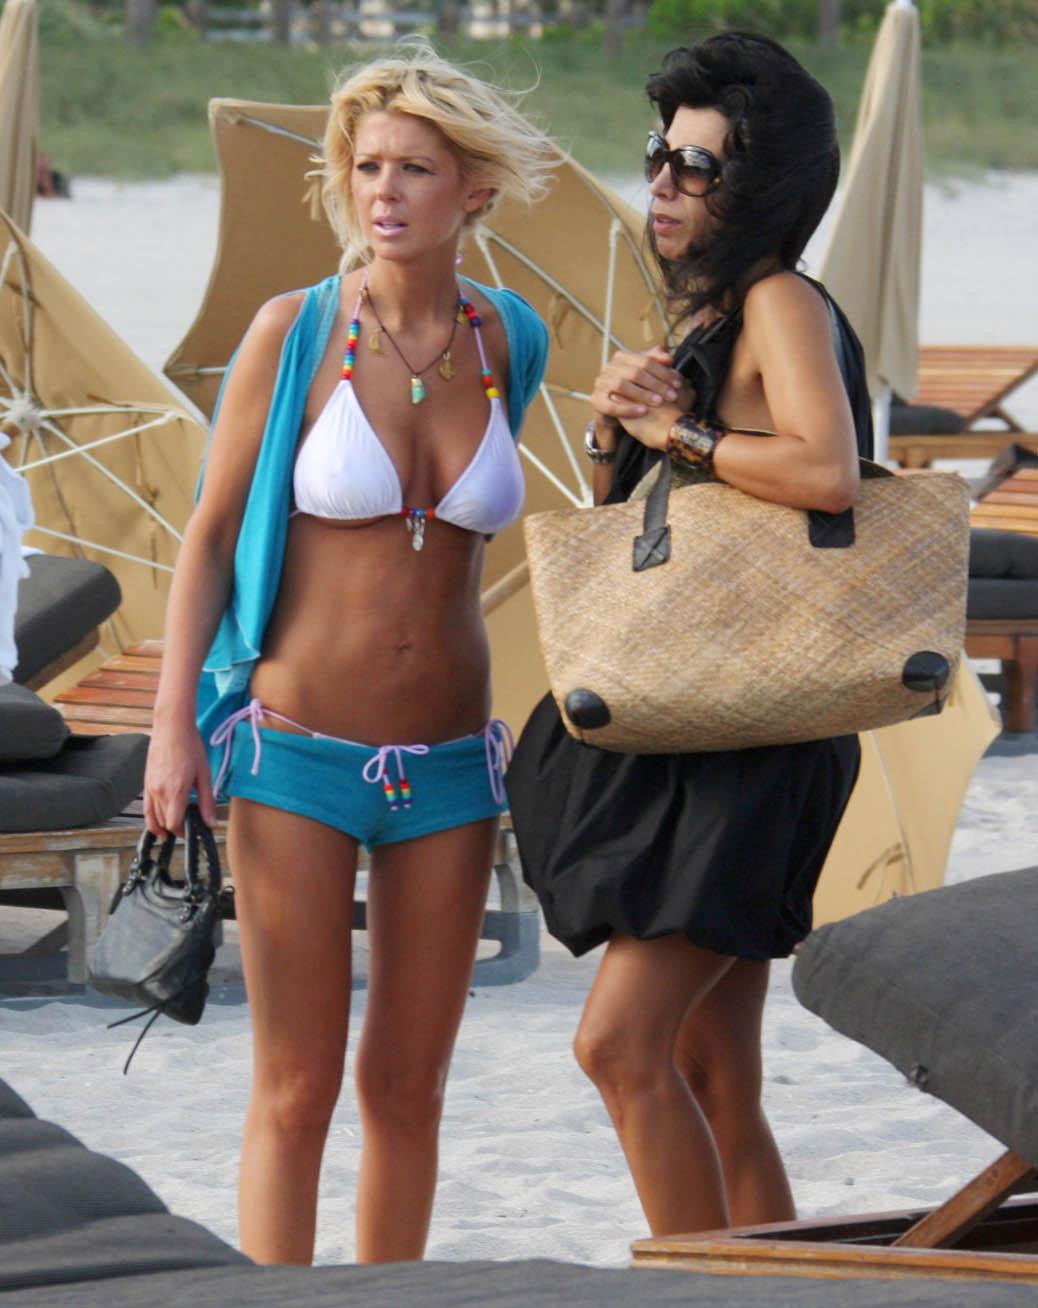 http://3.bp.blogspot.com/-zHIetLUufIE/TVyw-e7bI_I/AAAAAAAABi8/gXqZ0kh9mjk/s1600/tara-reid-bikini-shorts-blue-010.jpg